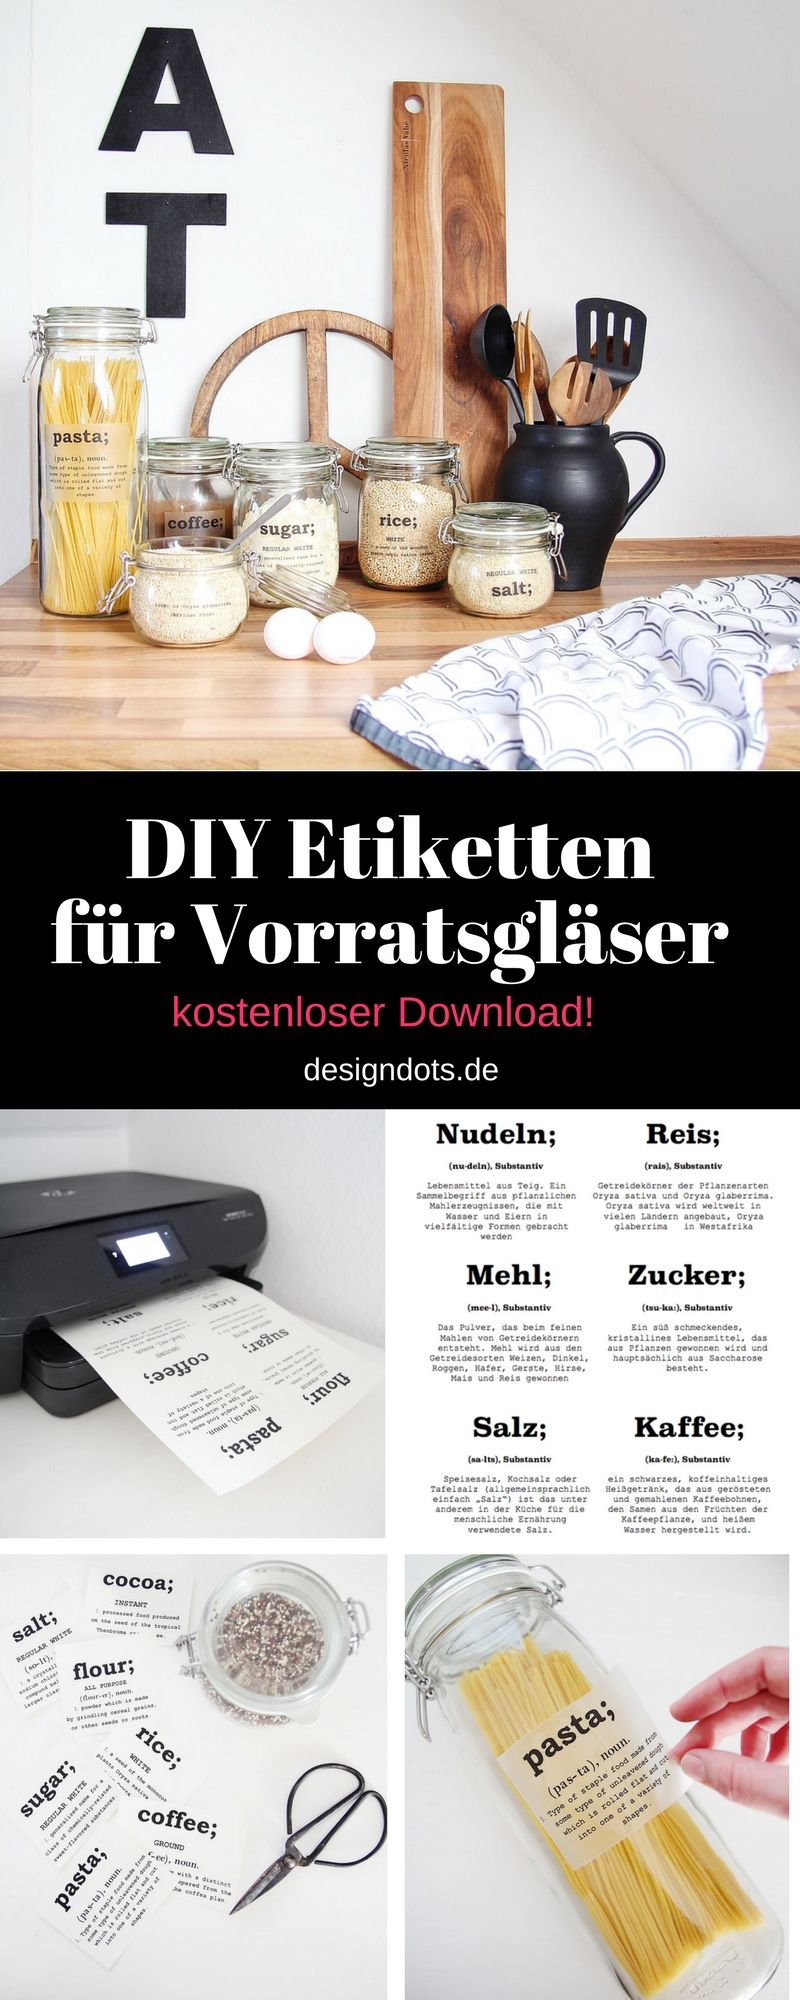 Küchenideen, um platz zu sparen diy etiketten für vorratsgläser zum ausdrucken  ideen rund ums haus